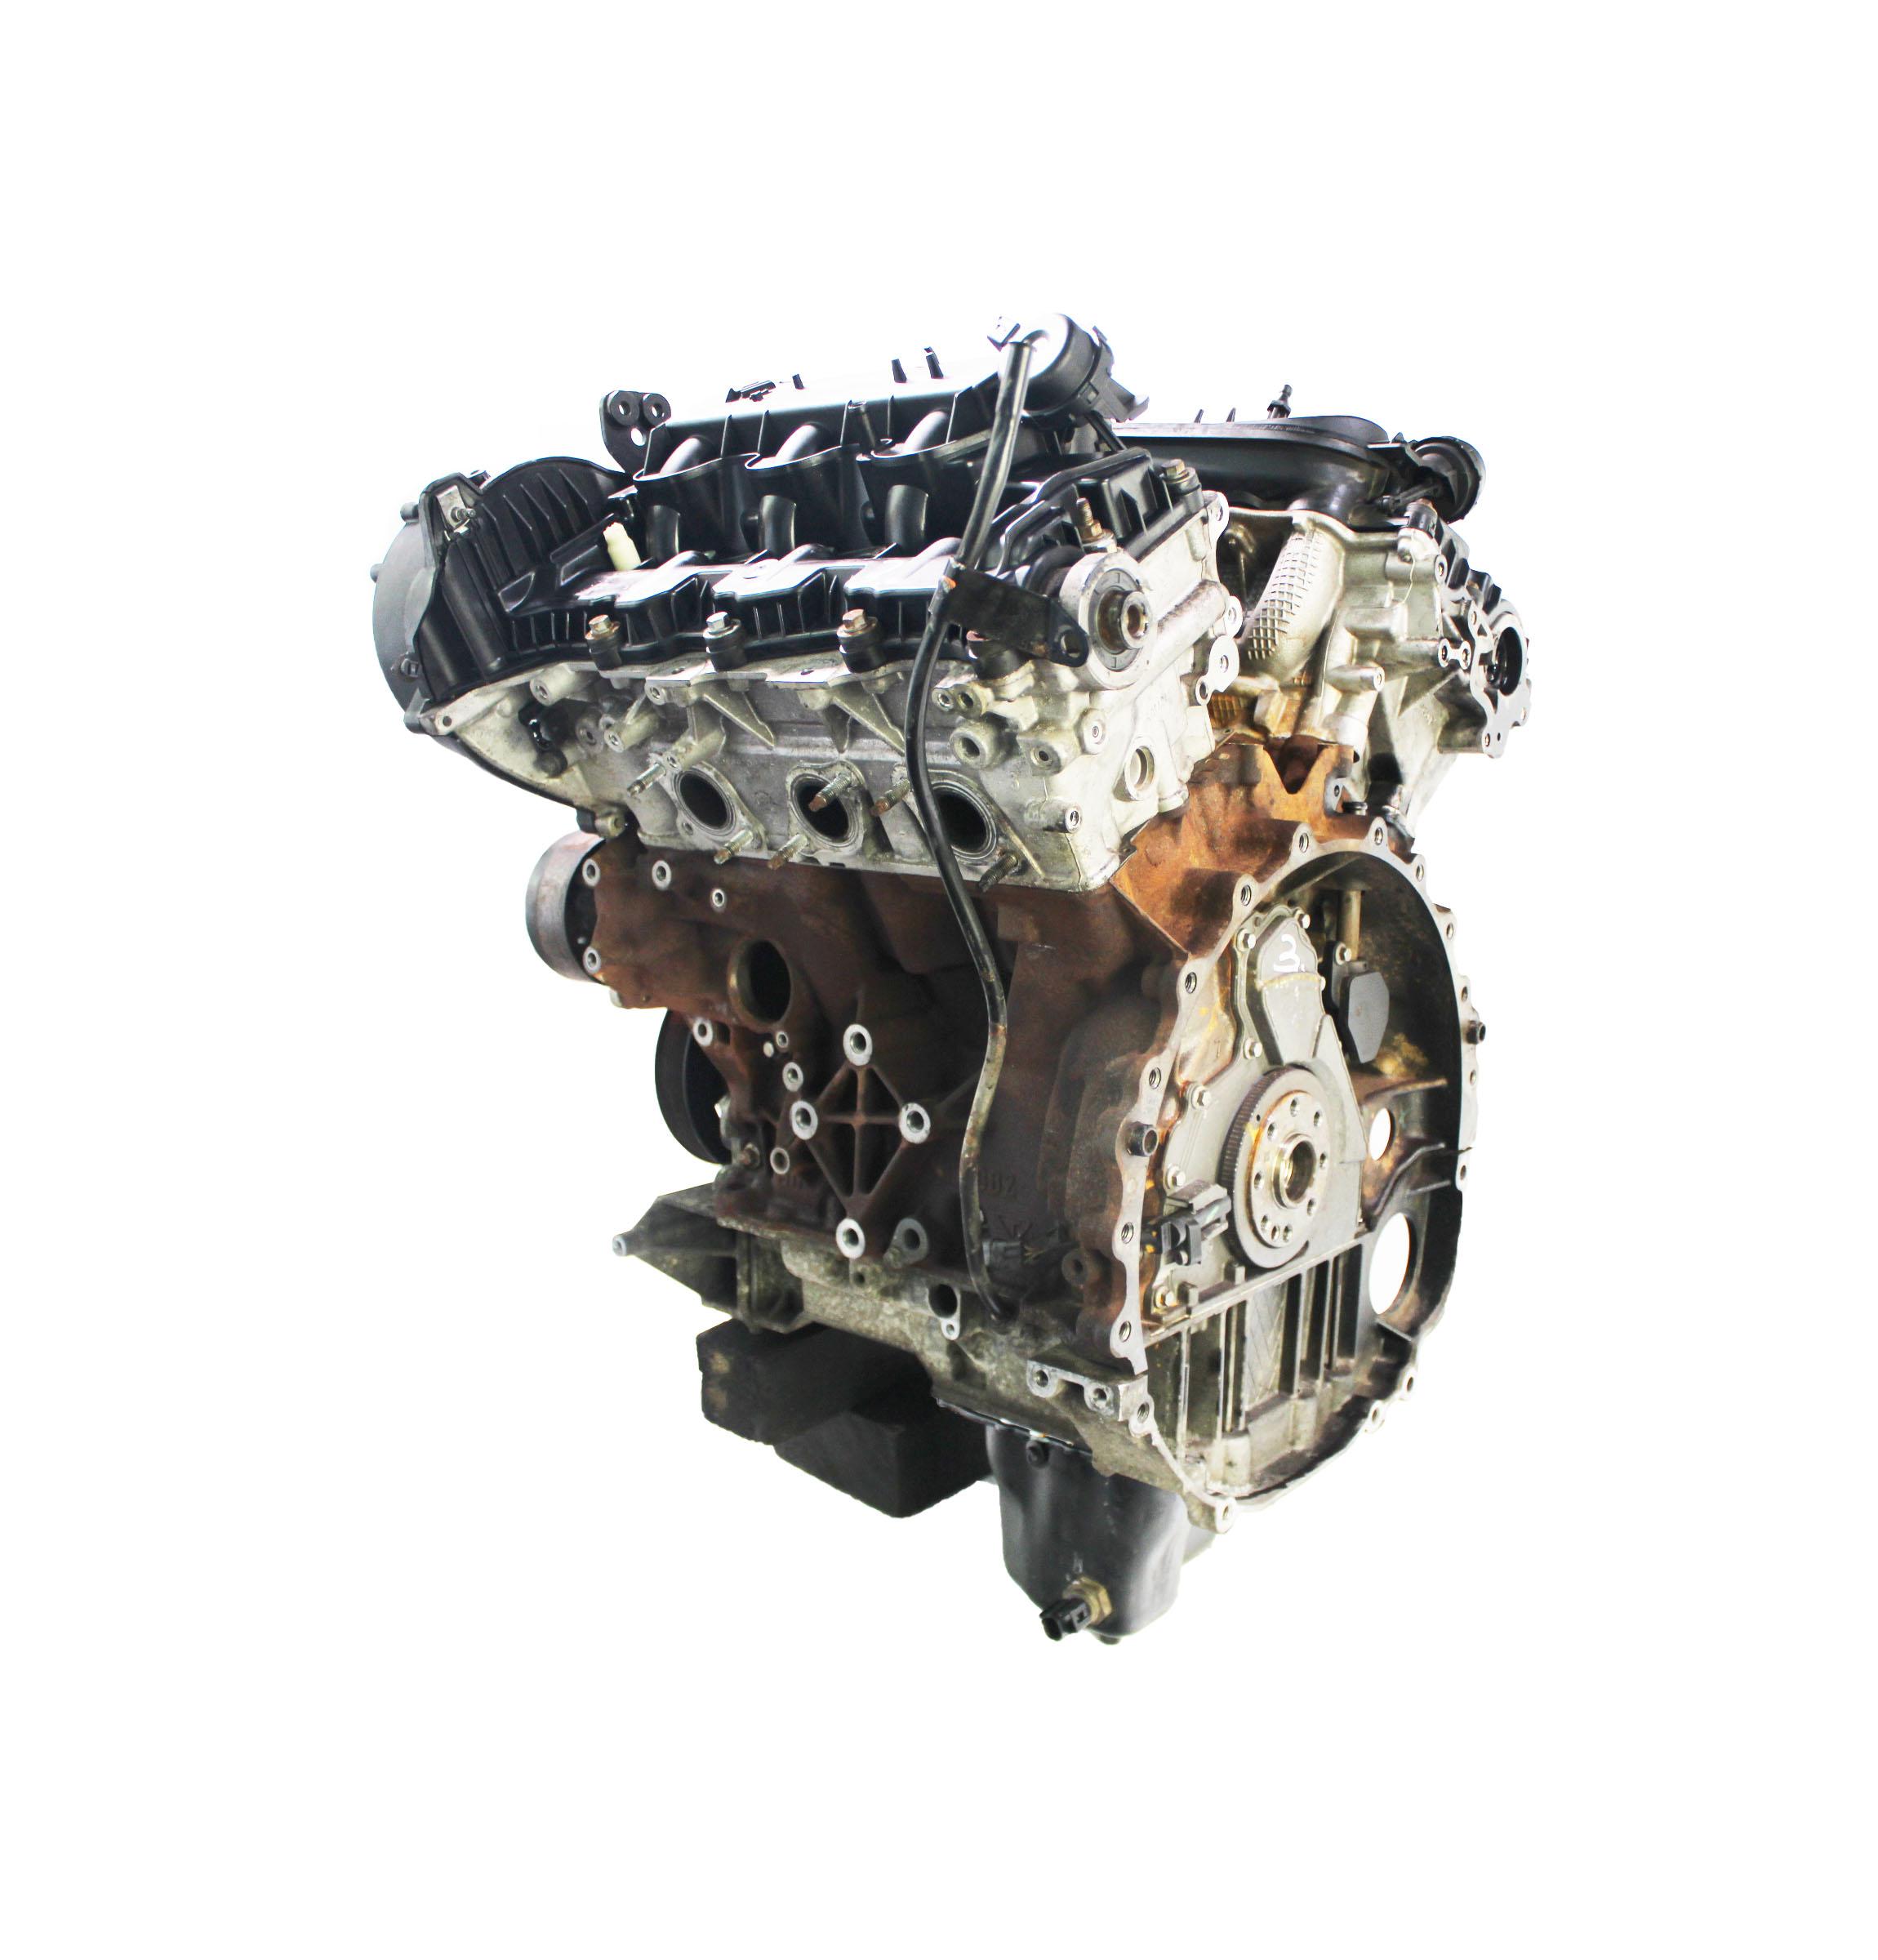 Motor für Land Rover Discovery MK3 III 2,7 D Diesel 276DT 190 PS